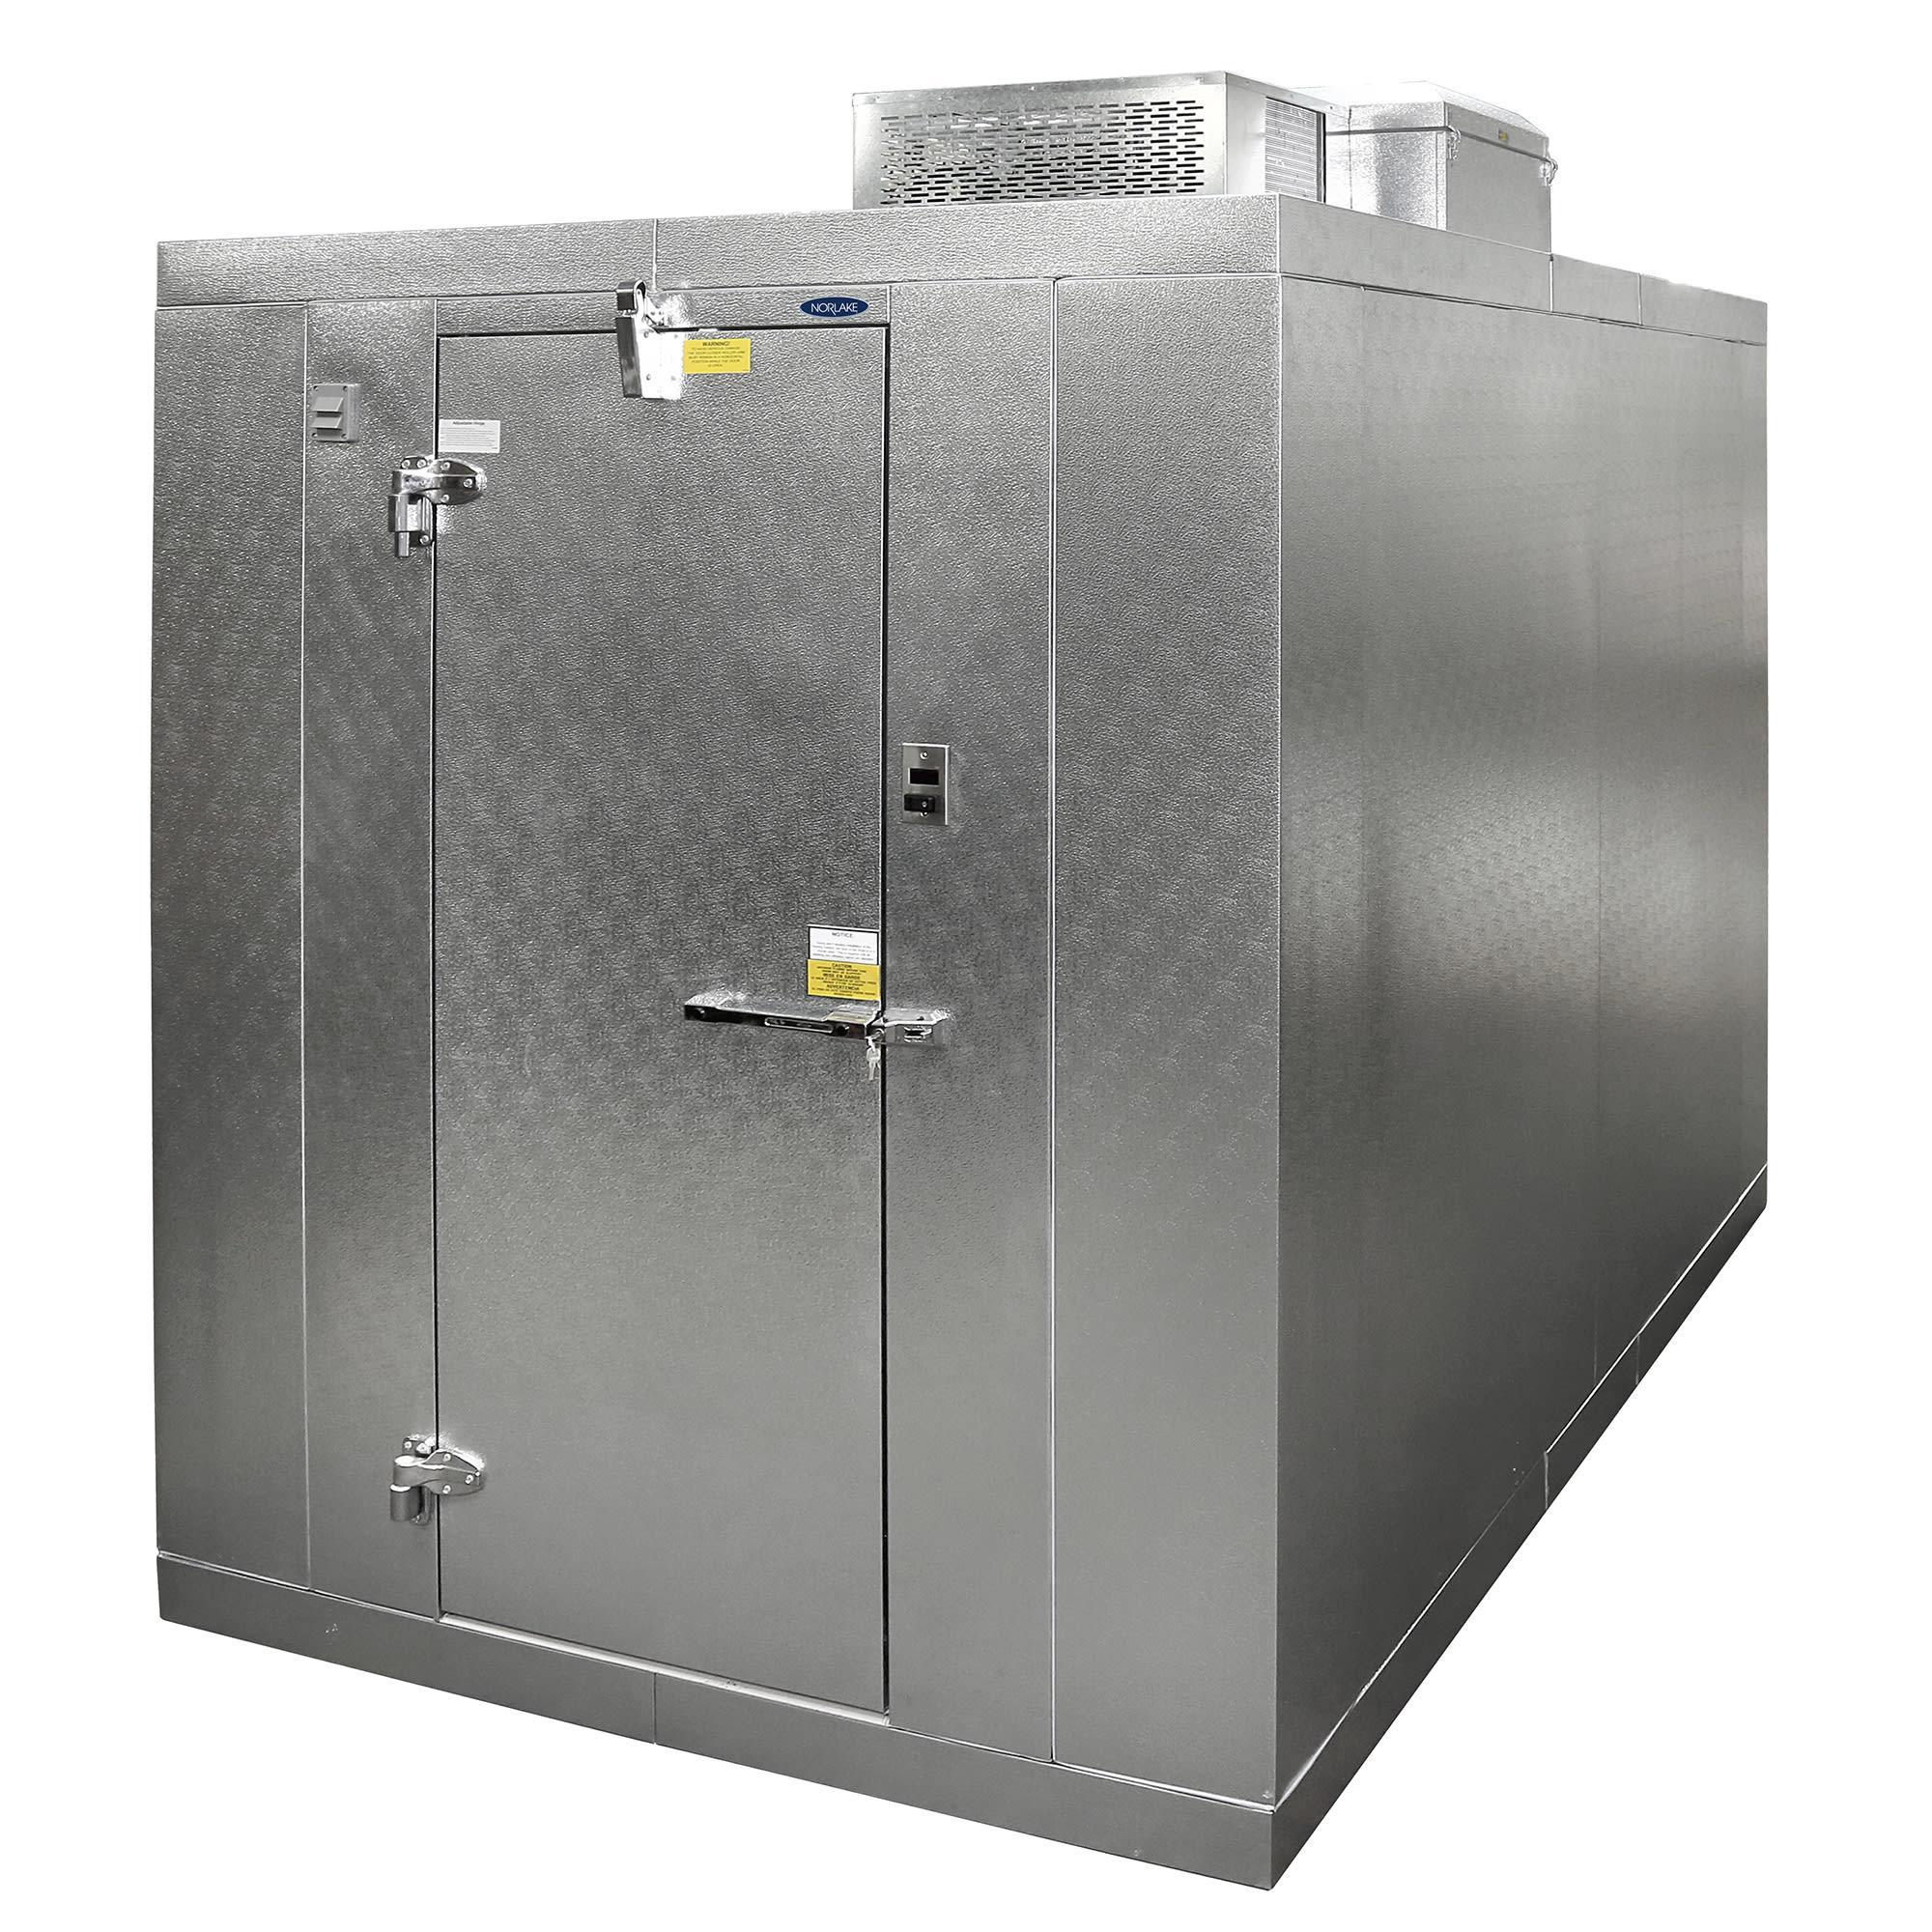 Norlake KLB810-C L Indoor Walk-In Refrigerator w/ Top Mount Compressor, 8' x 10'